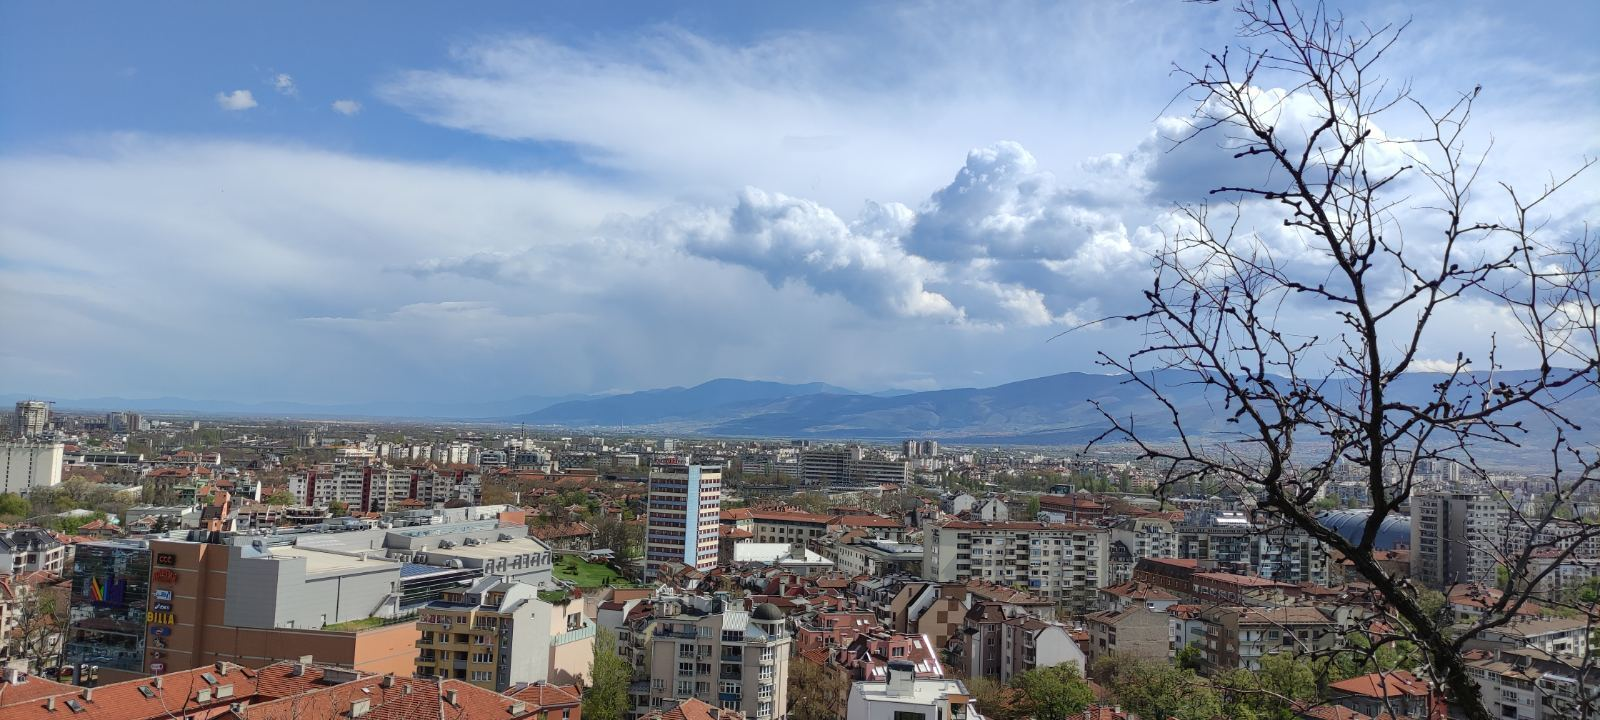 София призналась, что их ничто не держало в Украине и они решили переехать в Болгарию